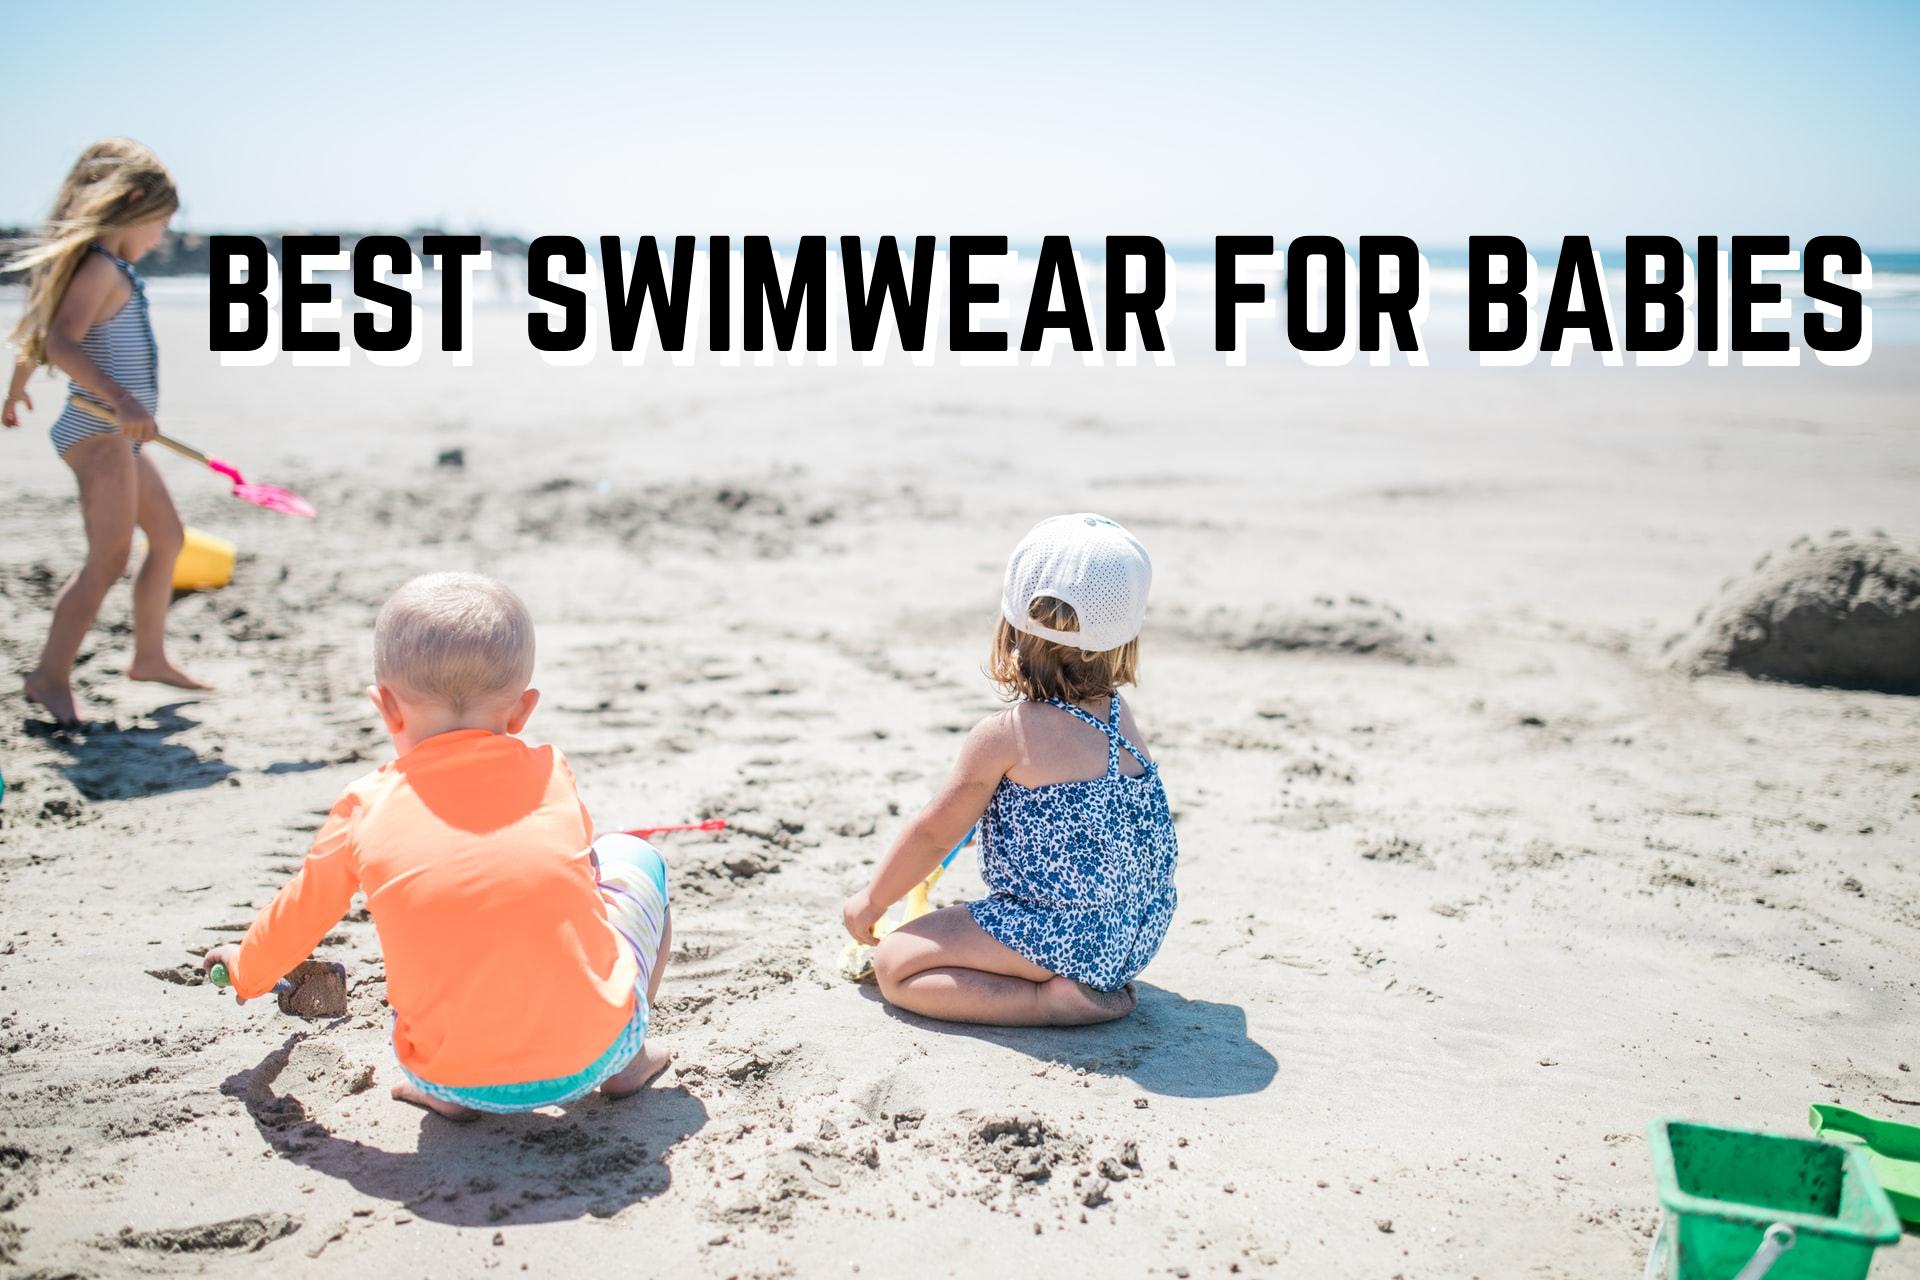 BEST SWIMWEAR FOR BABBIES